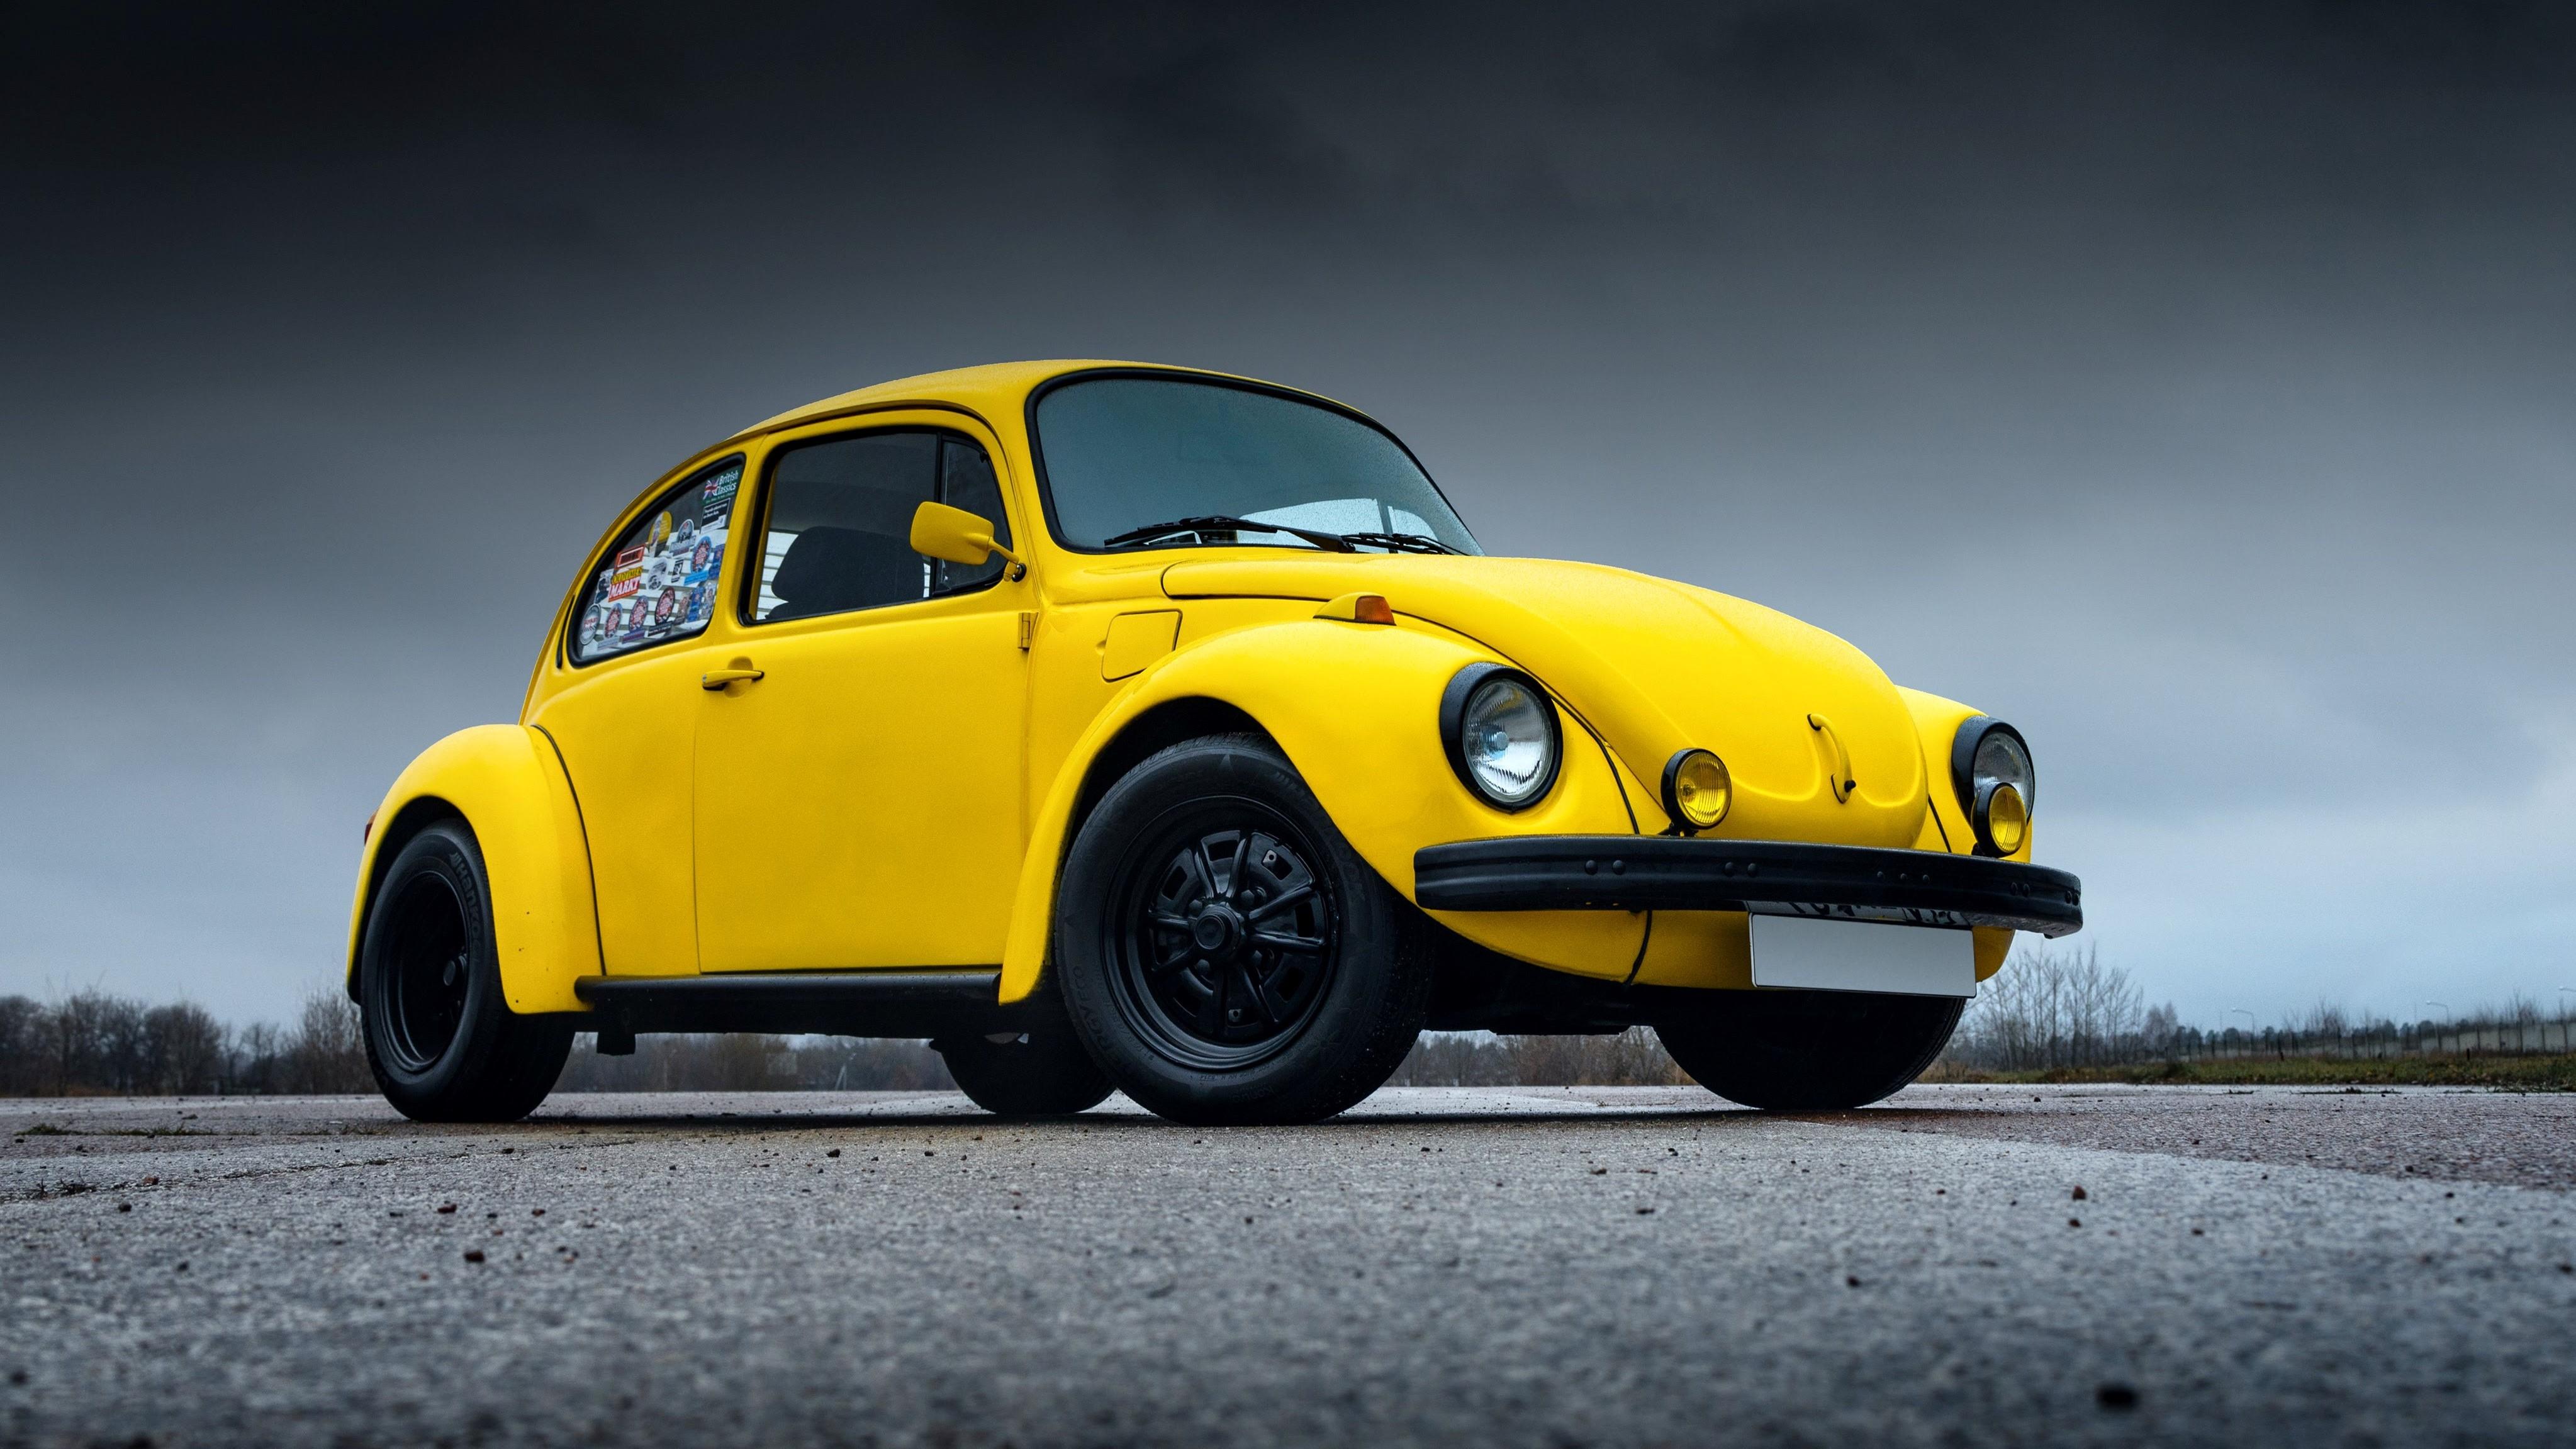 Volkswagen Beetle в образе Бамблби появился в каталоге «Авто.ру»